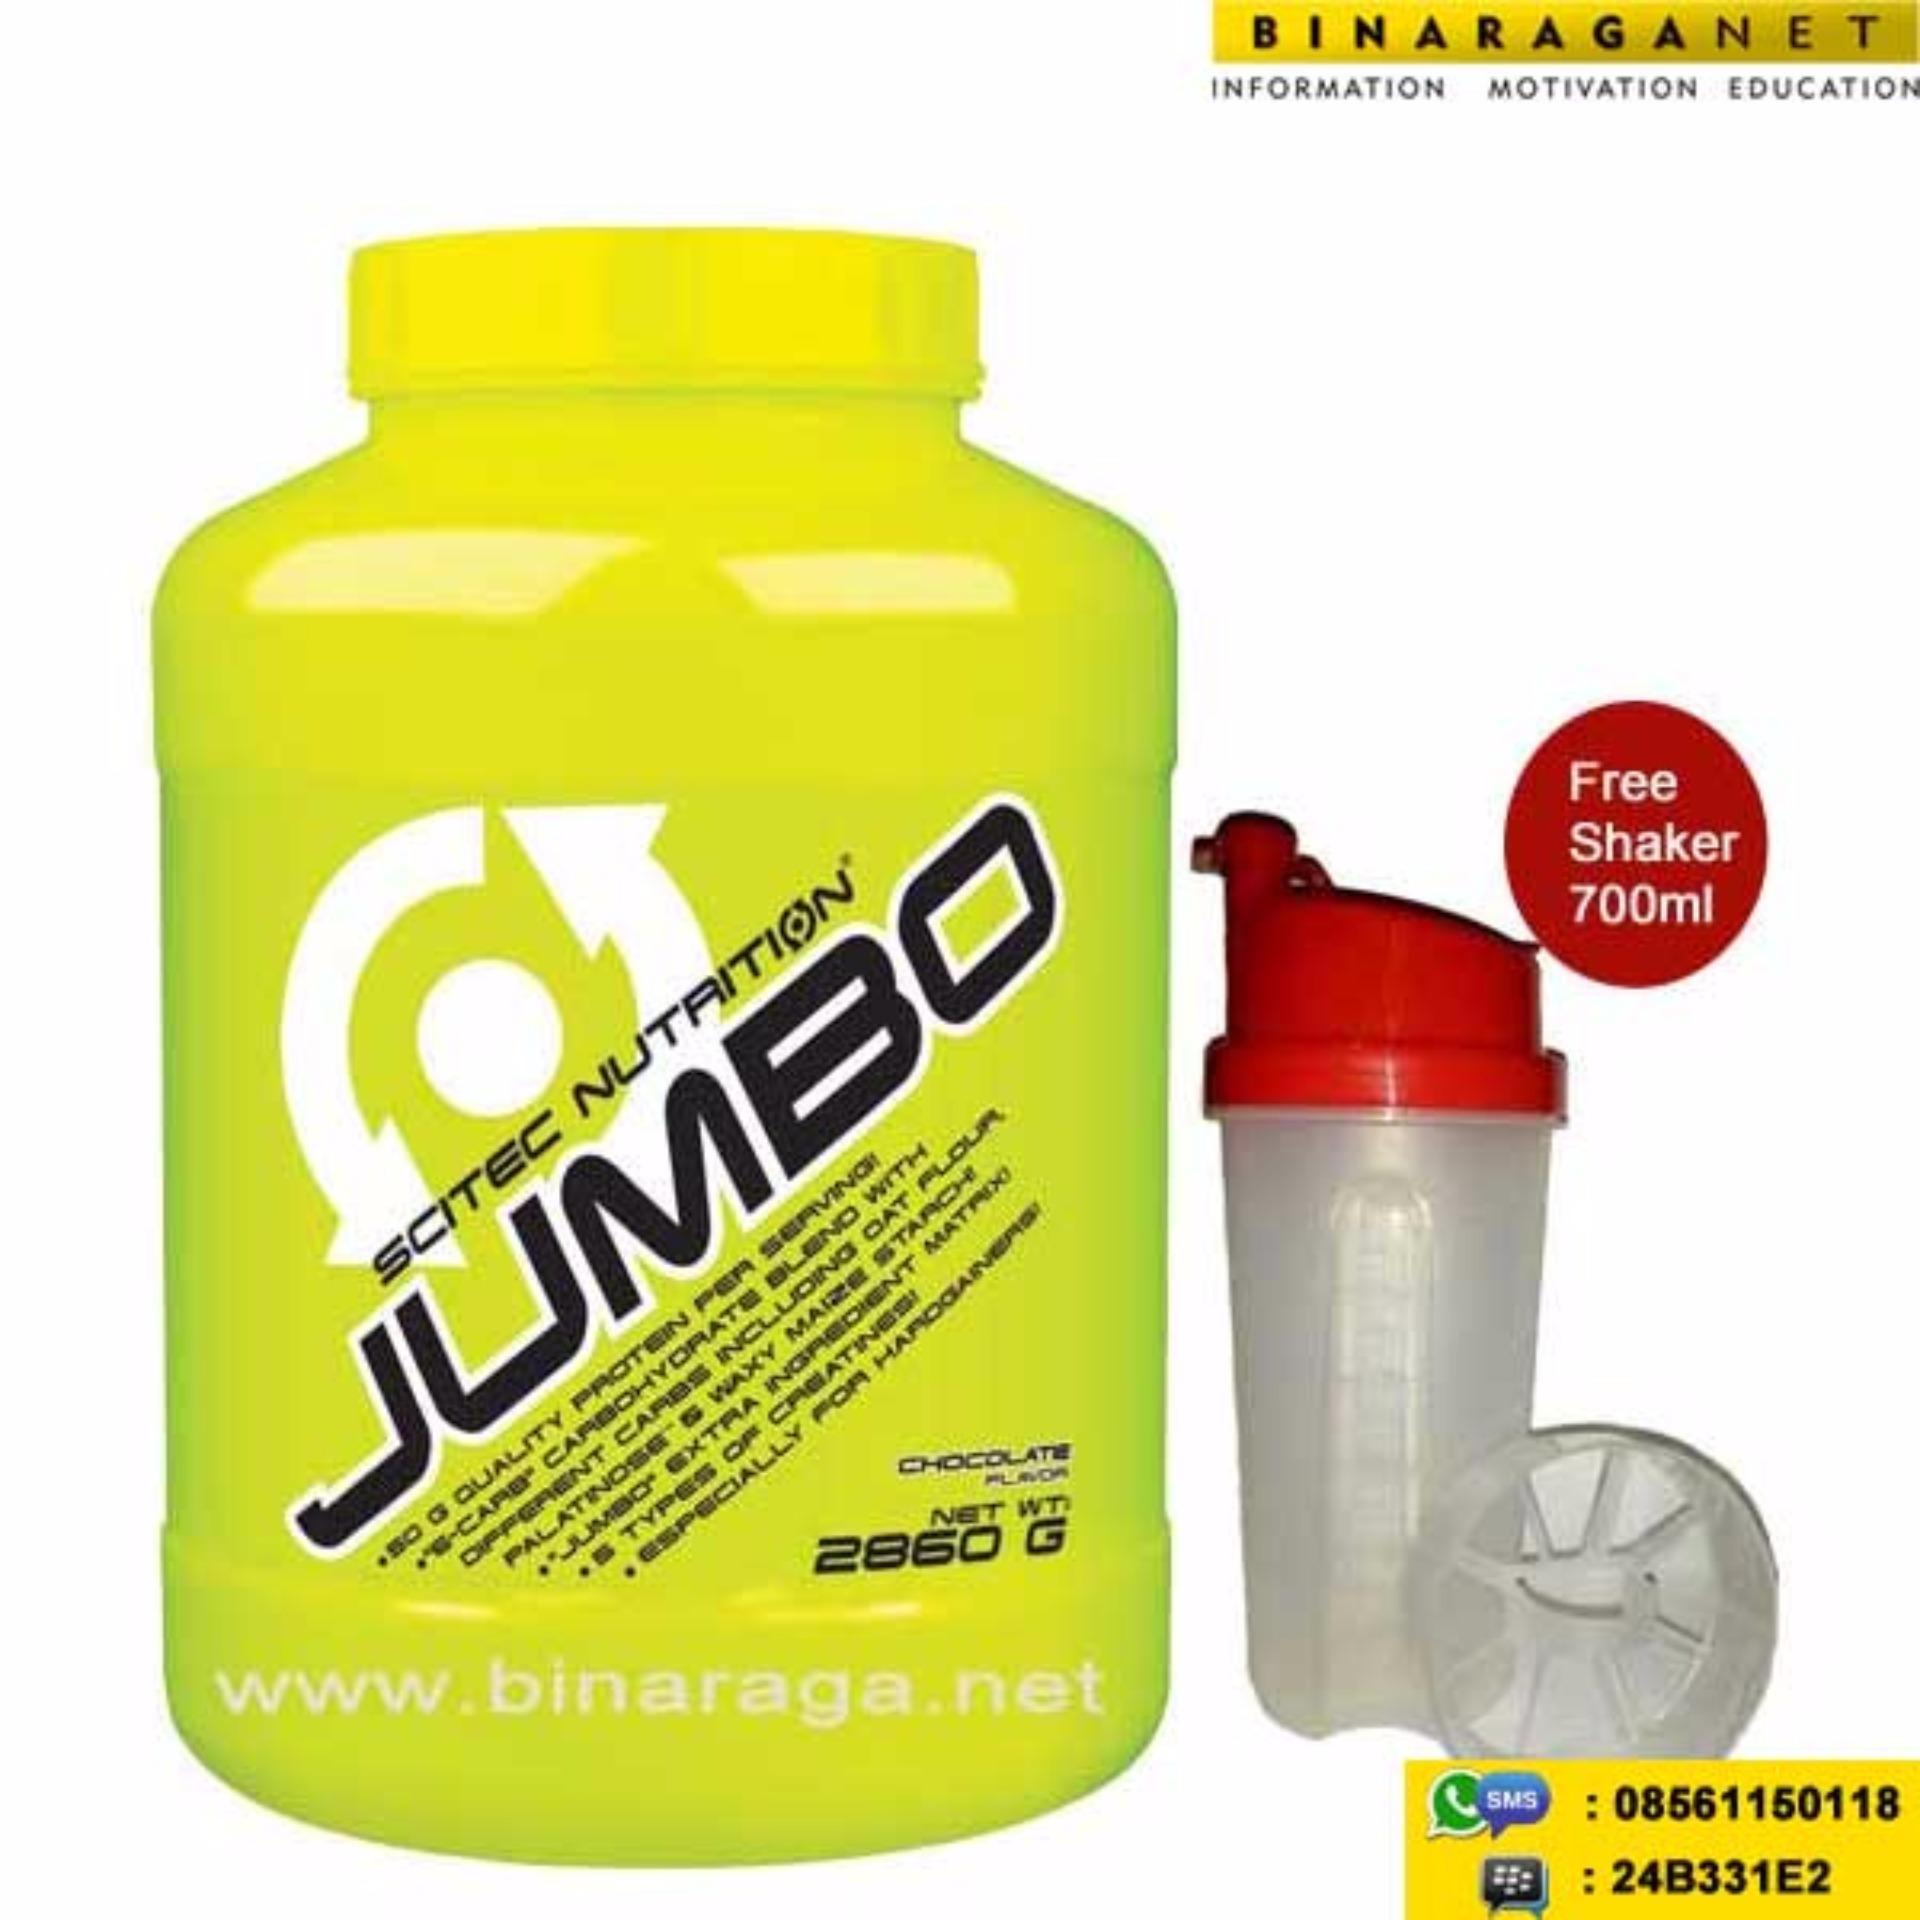 Beli sekarang Scitec Nutrition - Jumbo 6 Lbs Chocolate terbaik murah - Hanya Rp705.478